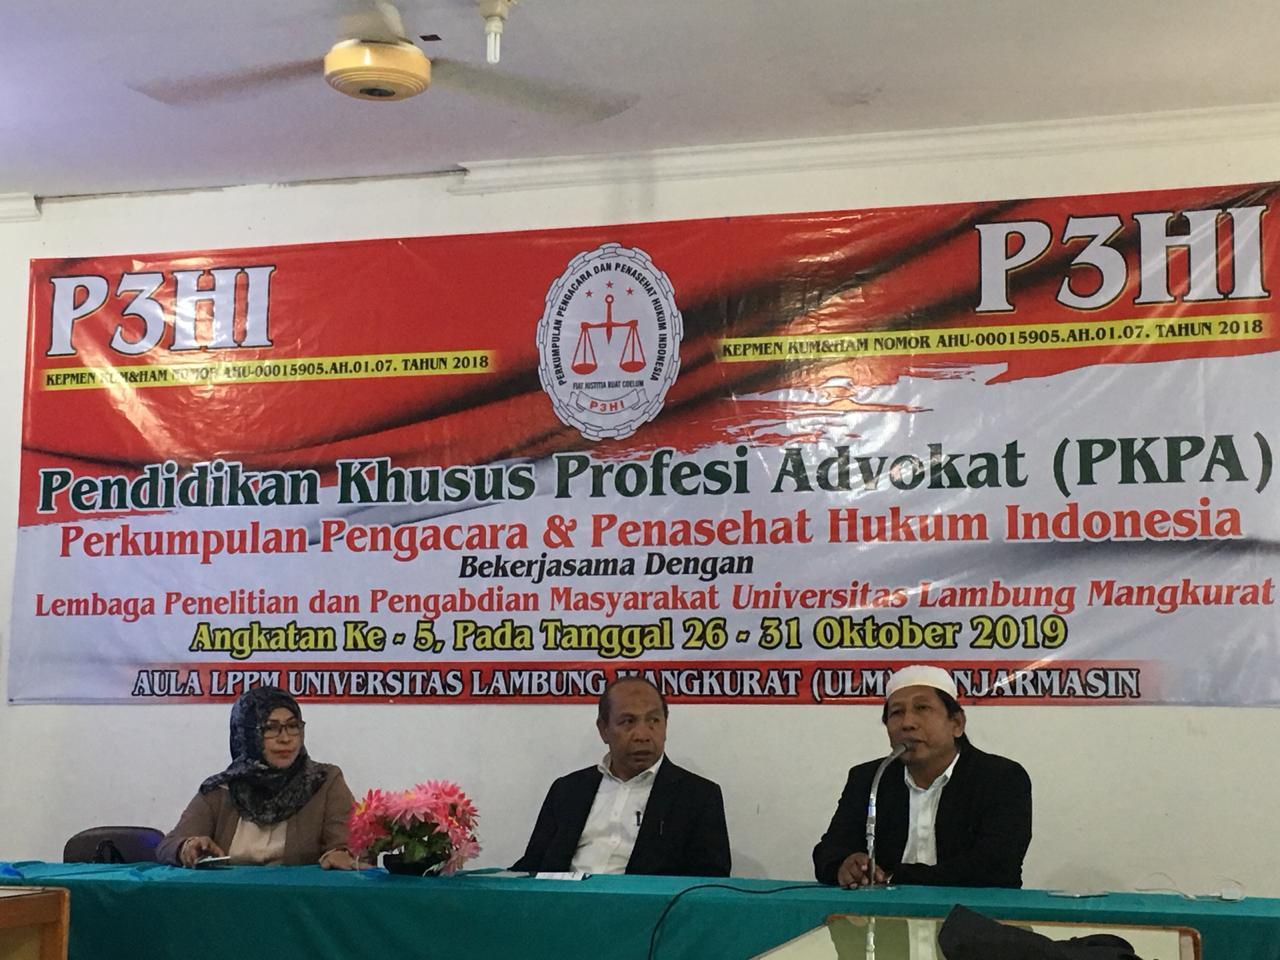 Organisasi Advokat P3HI Laksanakan PKPA di Universitas Lambung Mangkurat Banjarmasin